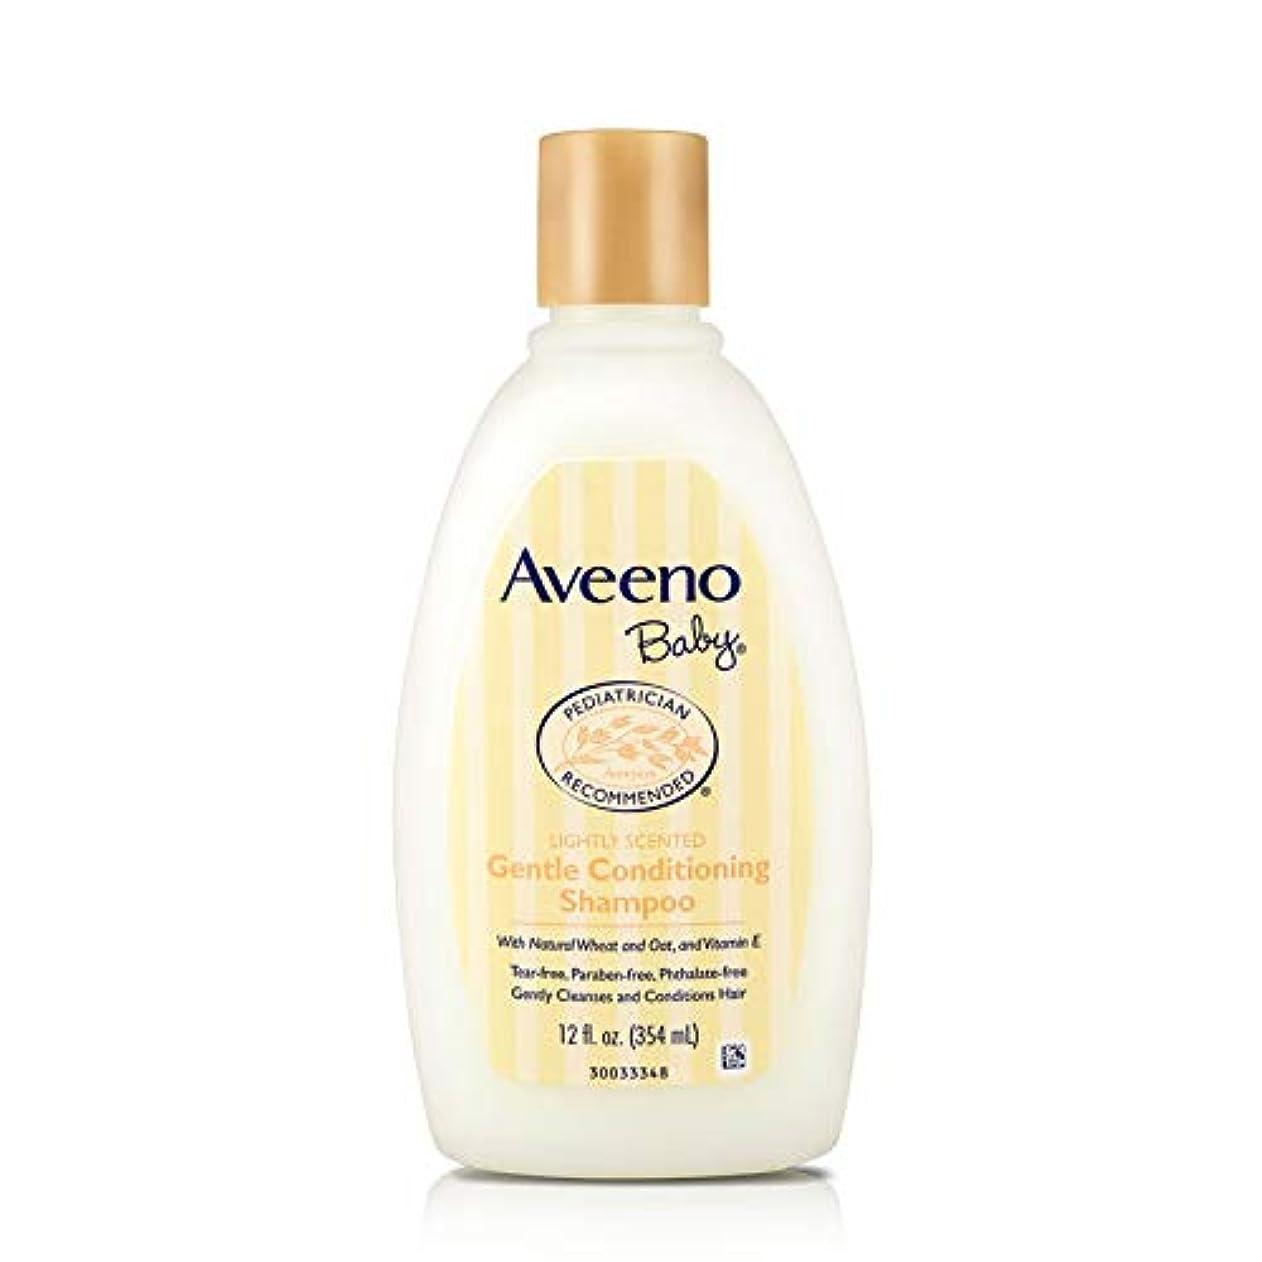 品種細胞癒すAveeno, Baby, Gentle Conditioning Shampoo, Lightly Scented, 12 fl oz (354 ml)